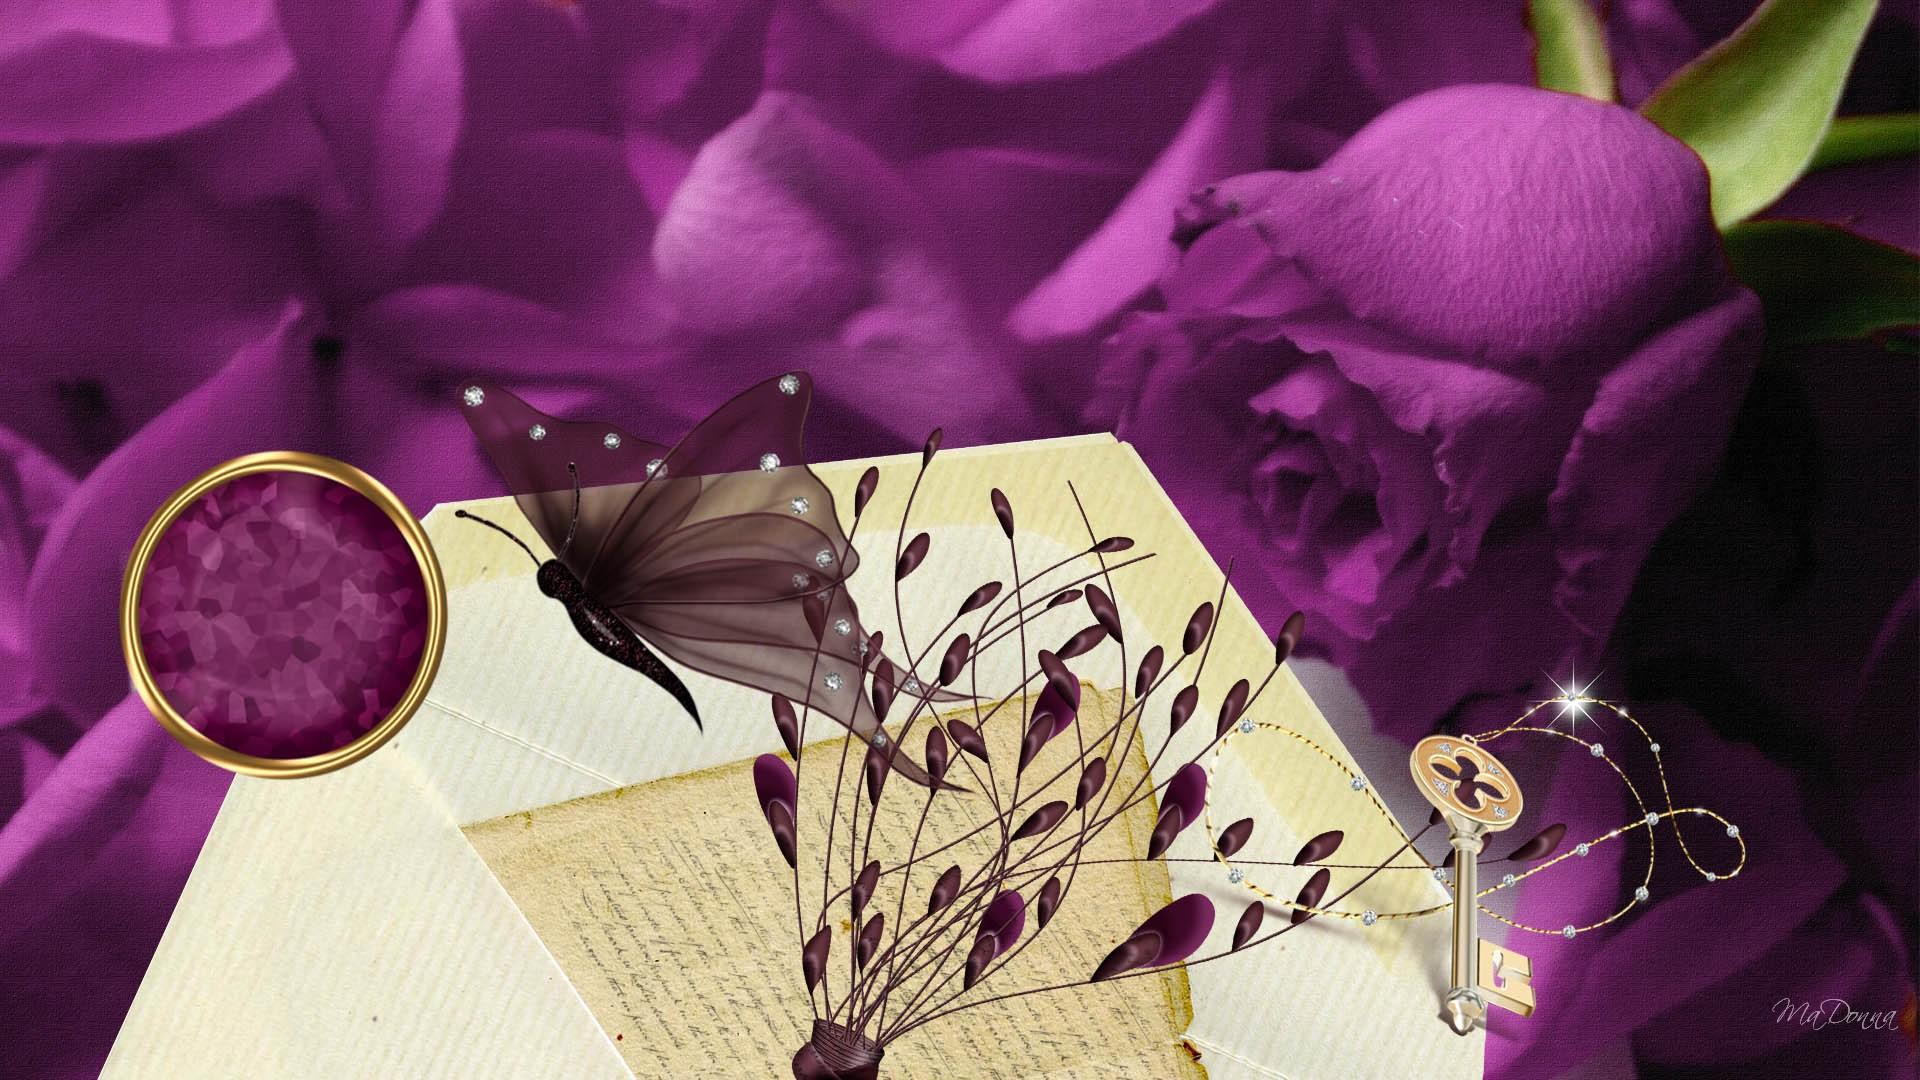 Бумаги для, музыка для поздравления с 8 марта без слов